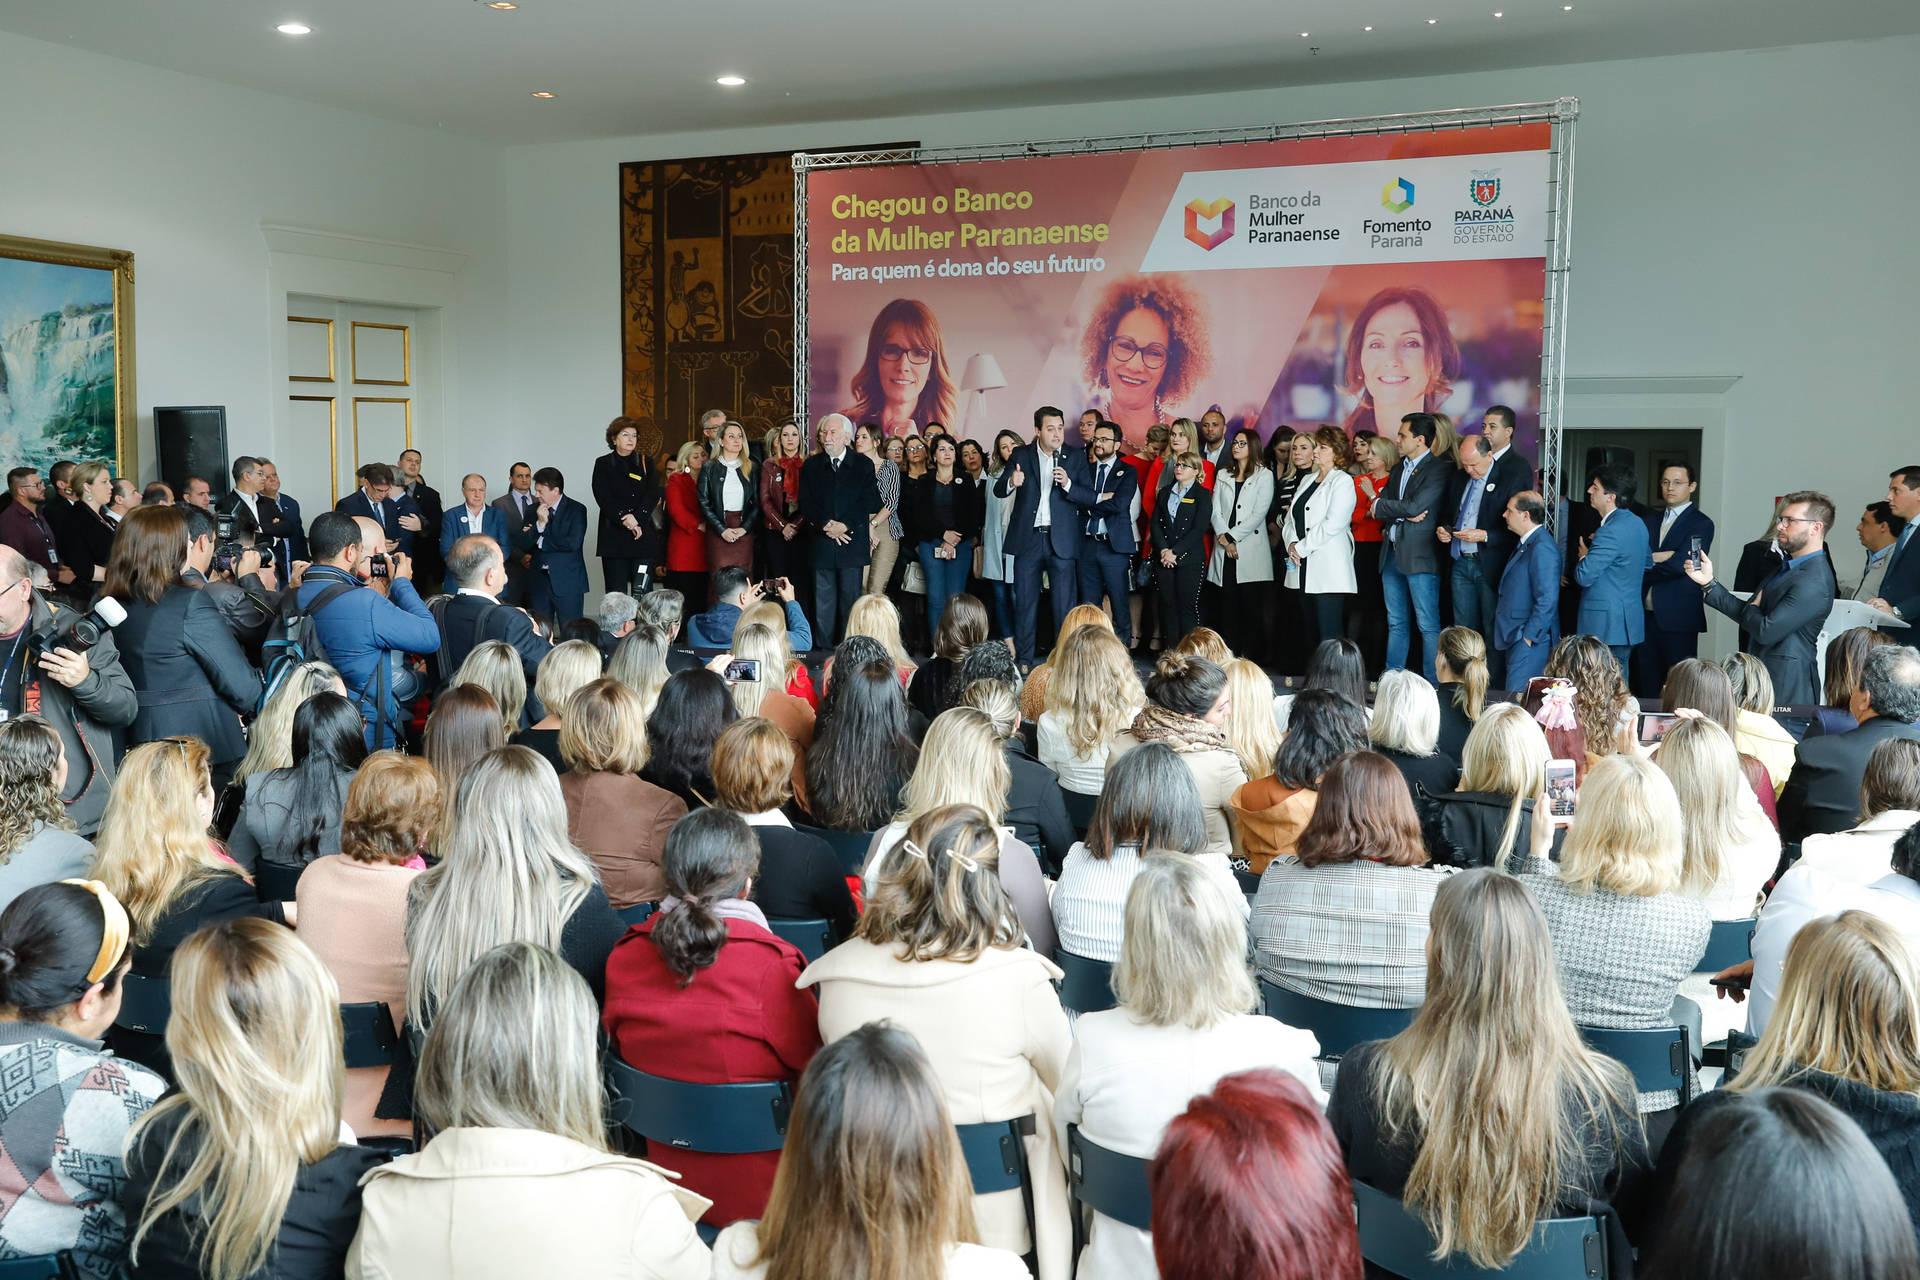 Banco da Mulher Paranaense vai incentivar o empreendedorismo feminino